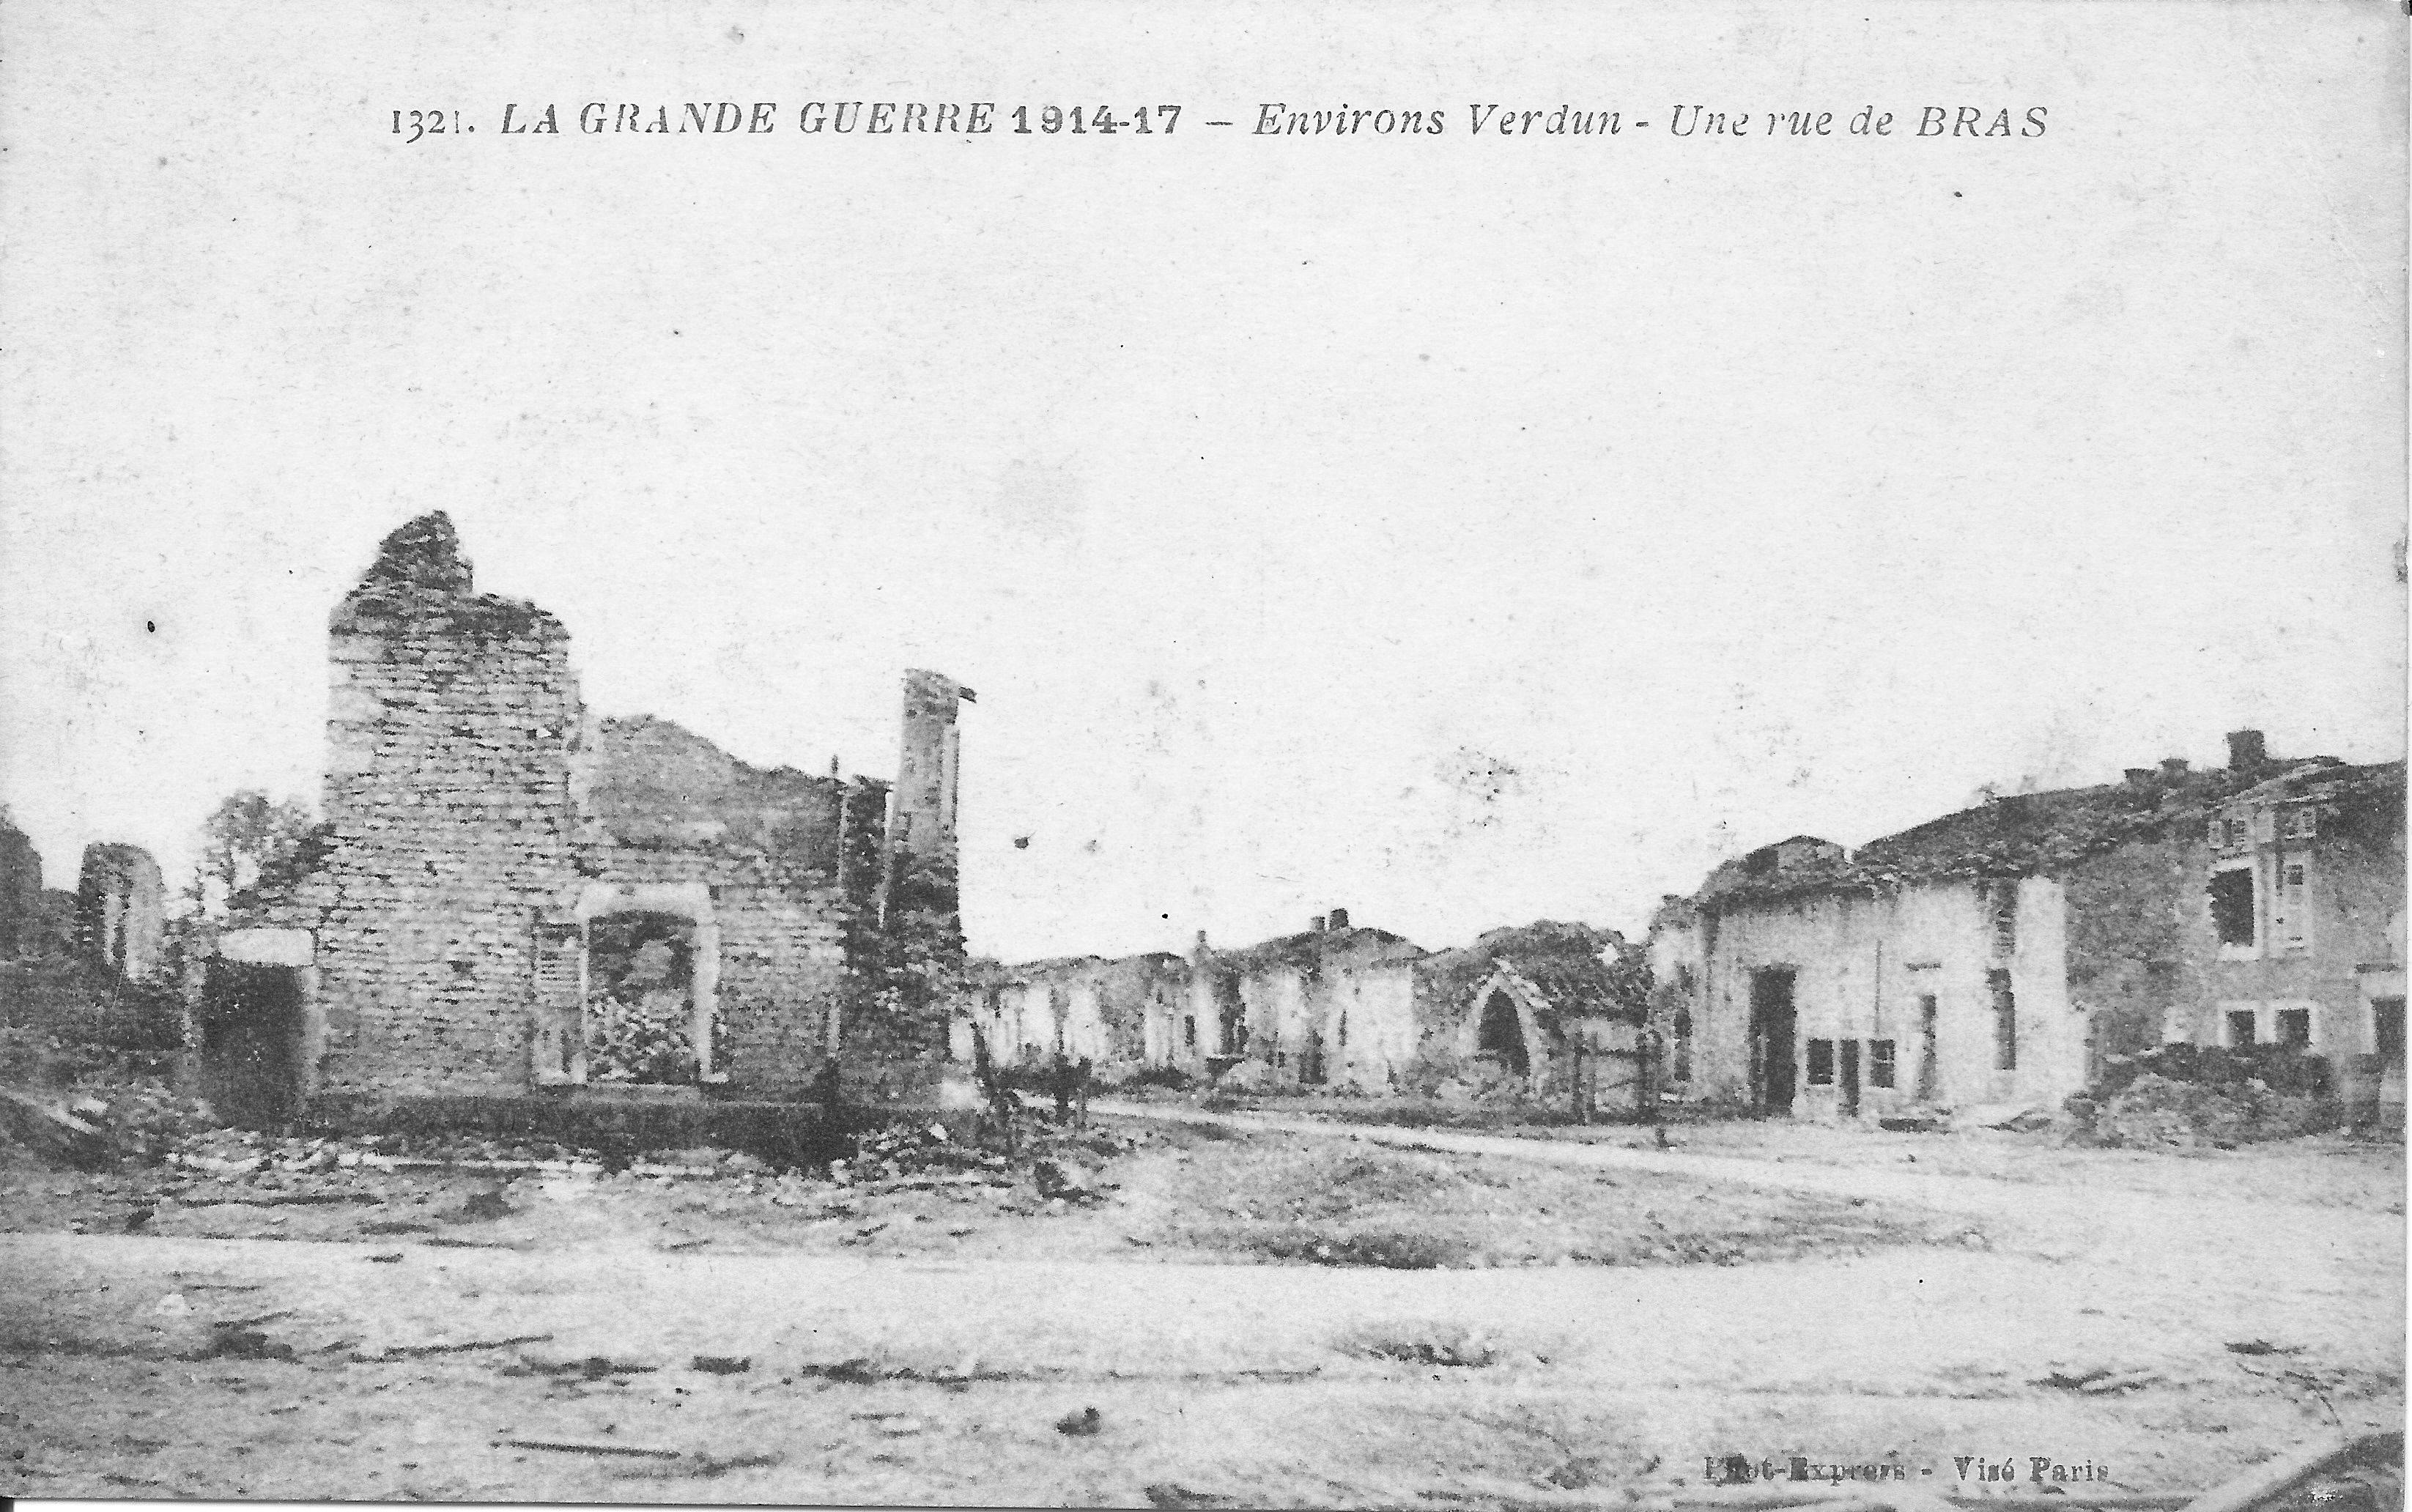 File:La grande guerre 1914-17-Environs Verdun-Une rue de Bras